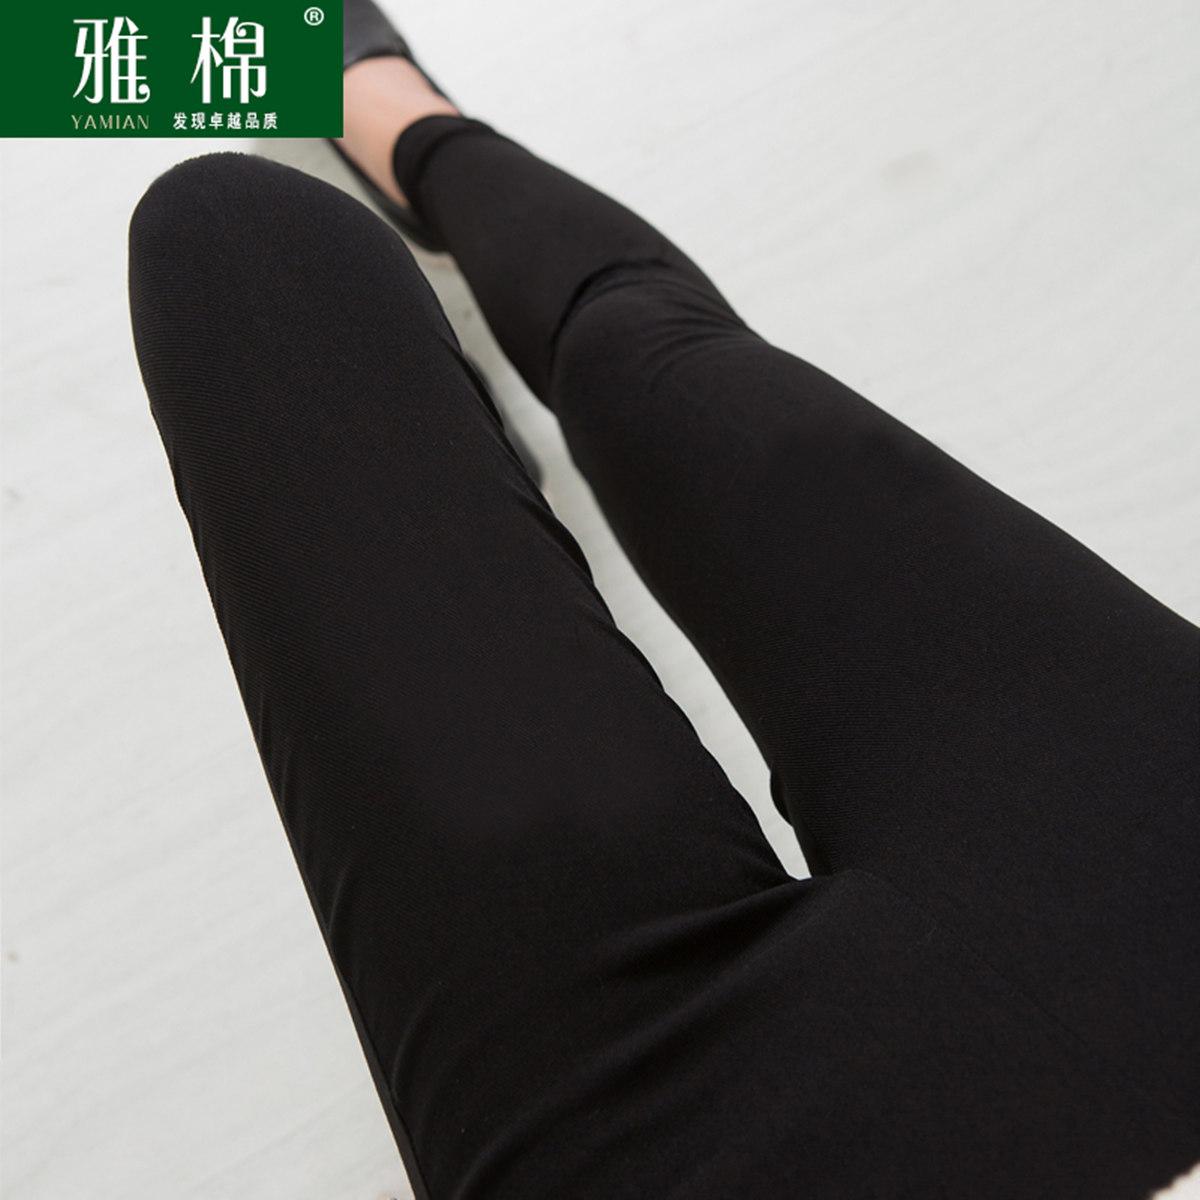 打底褲秋鼕季2017新款韓版外穿小黑色九分小腳學生百搭顯瘦女褲子